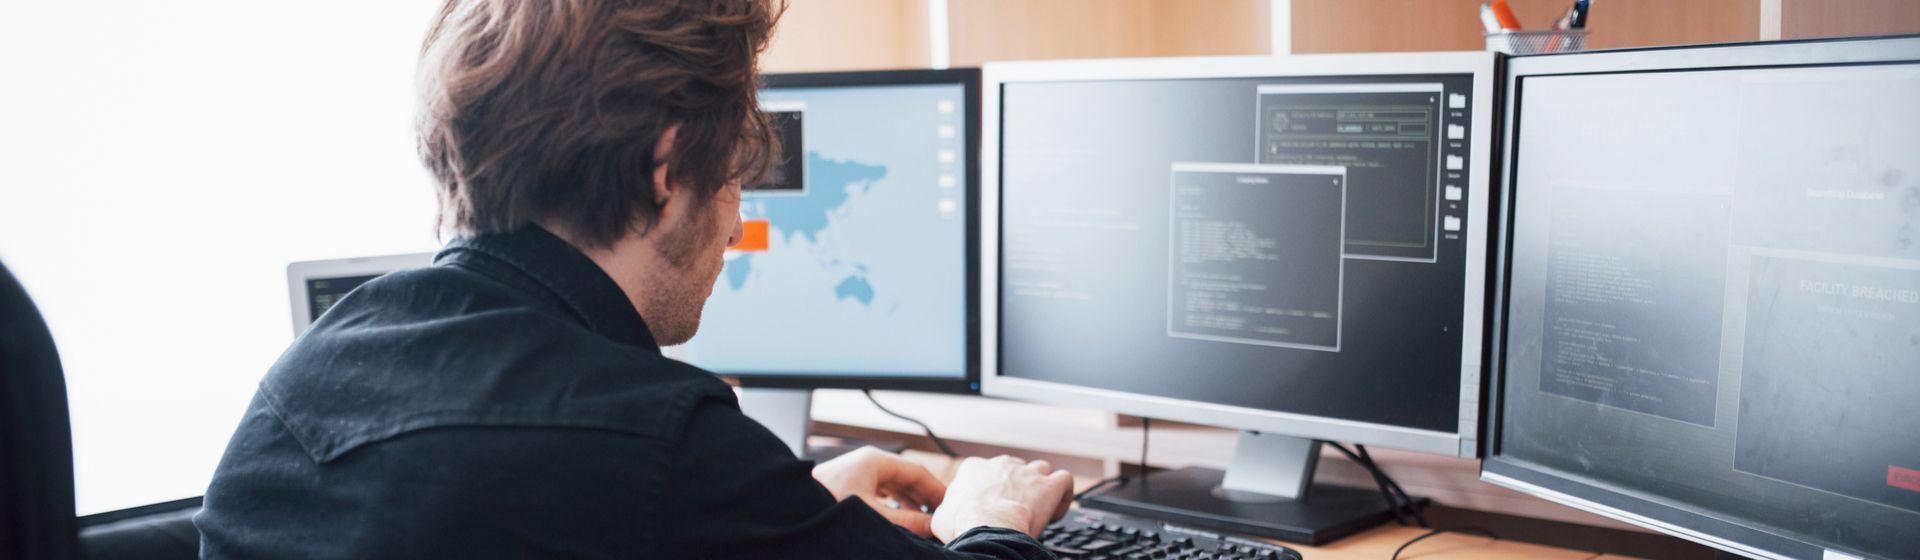 Melhor monitor para PC: 13 bons modelos para comprar em 2021